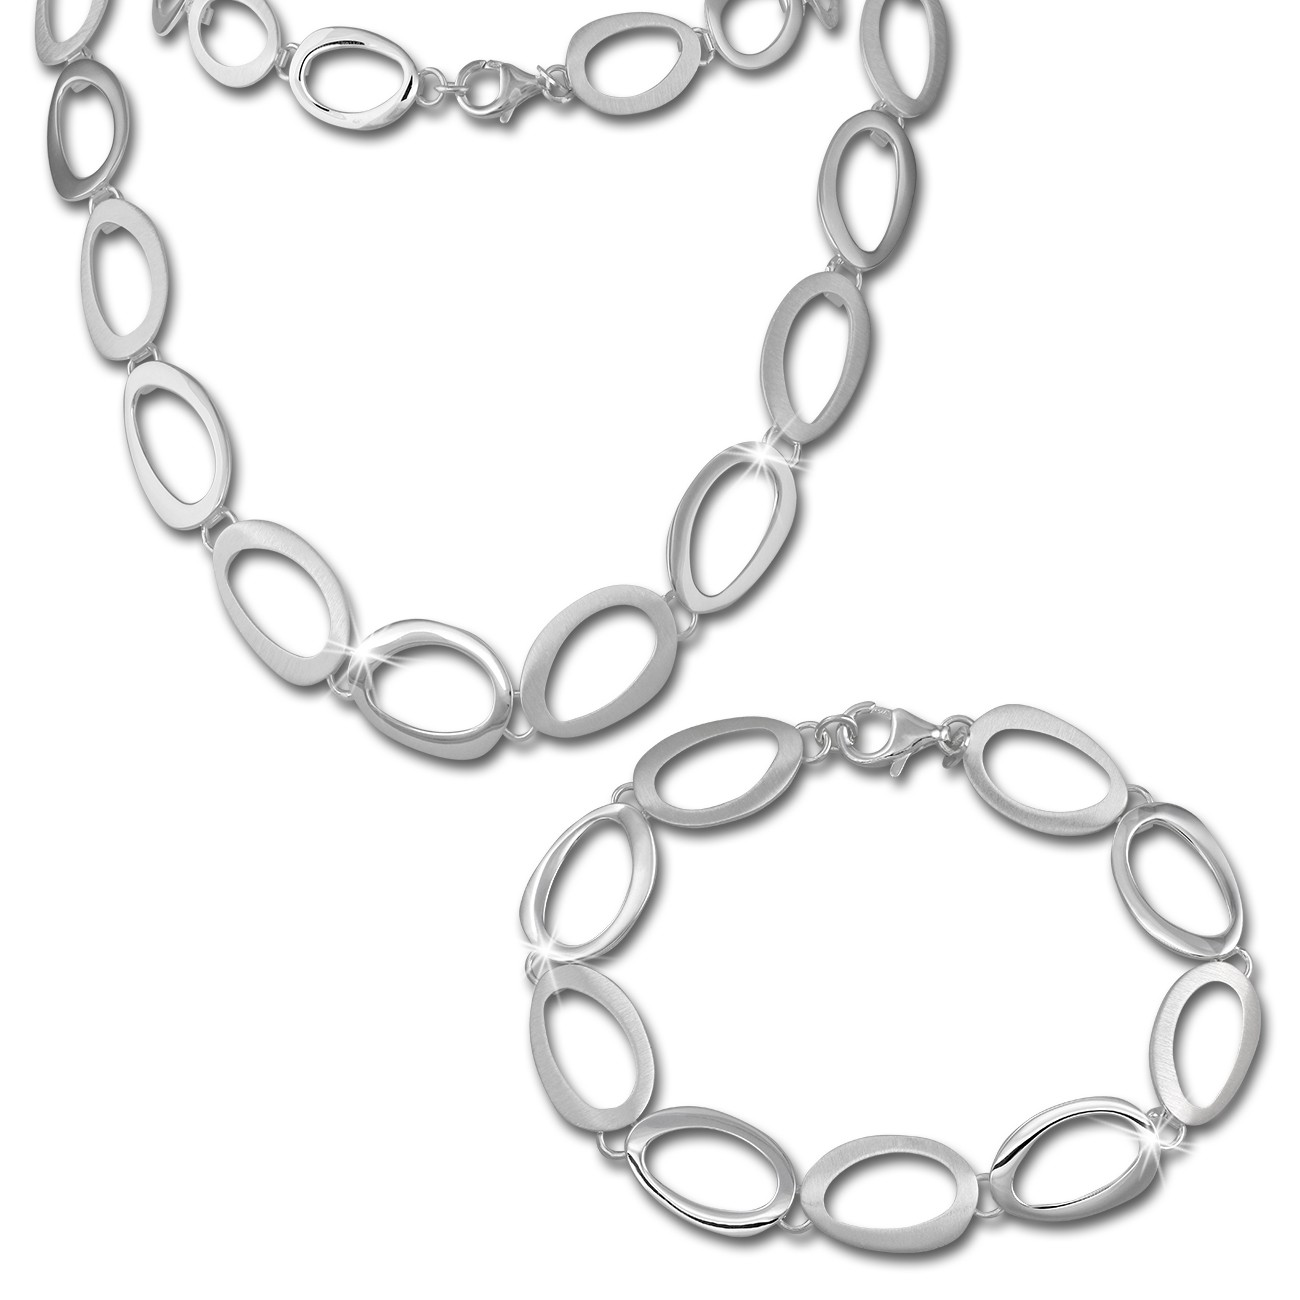 SilberDream Schmuck Set Oval offen Collier & Armband Damen 925 Silber SDS433